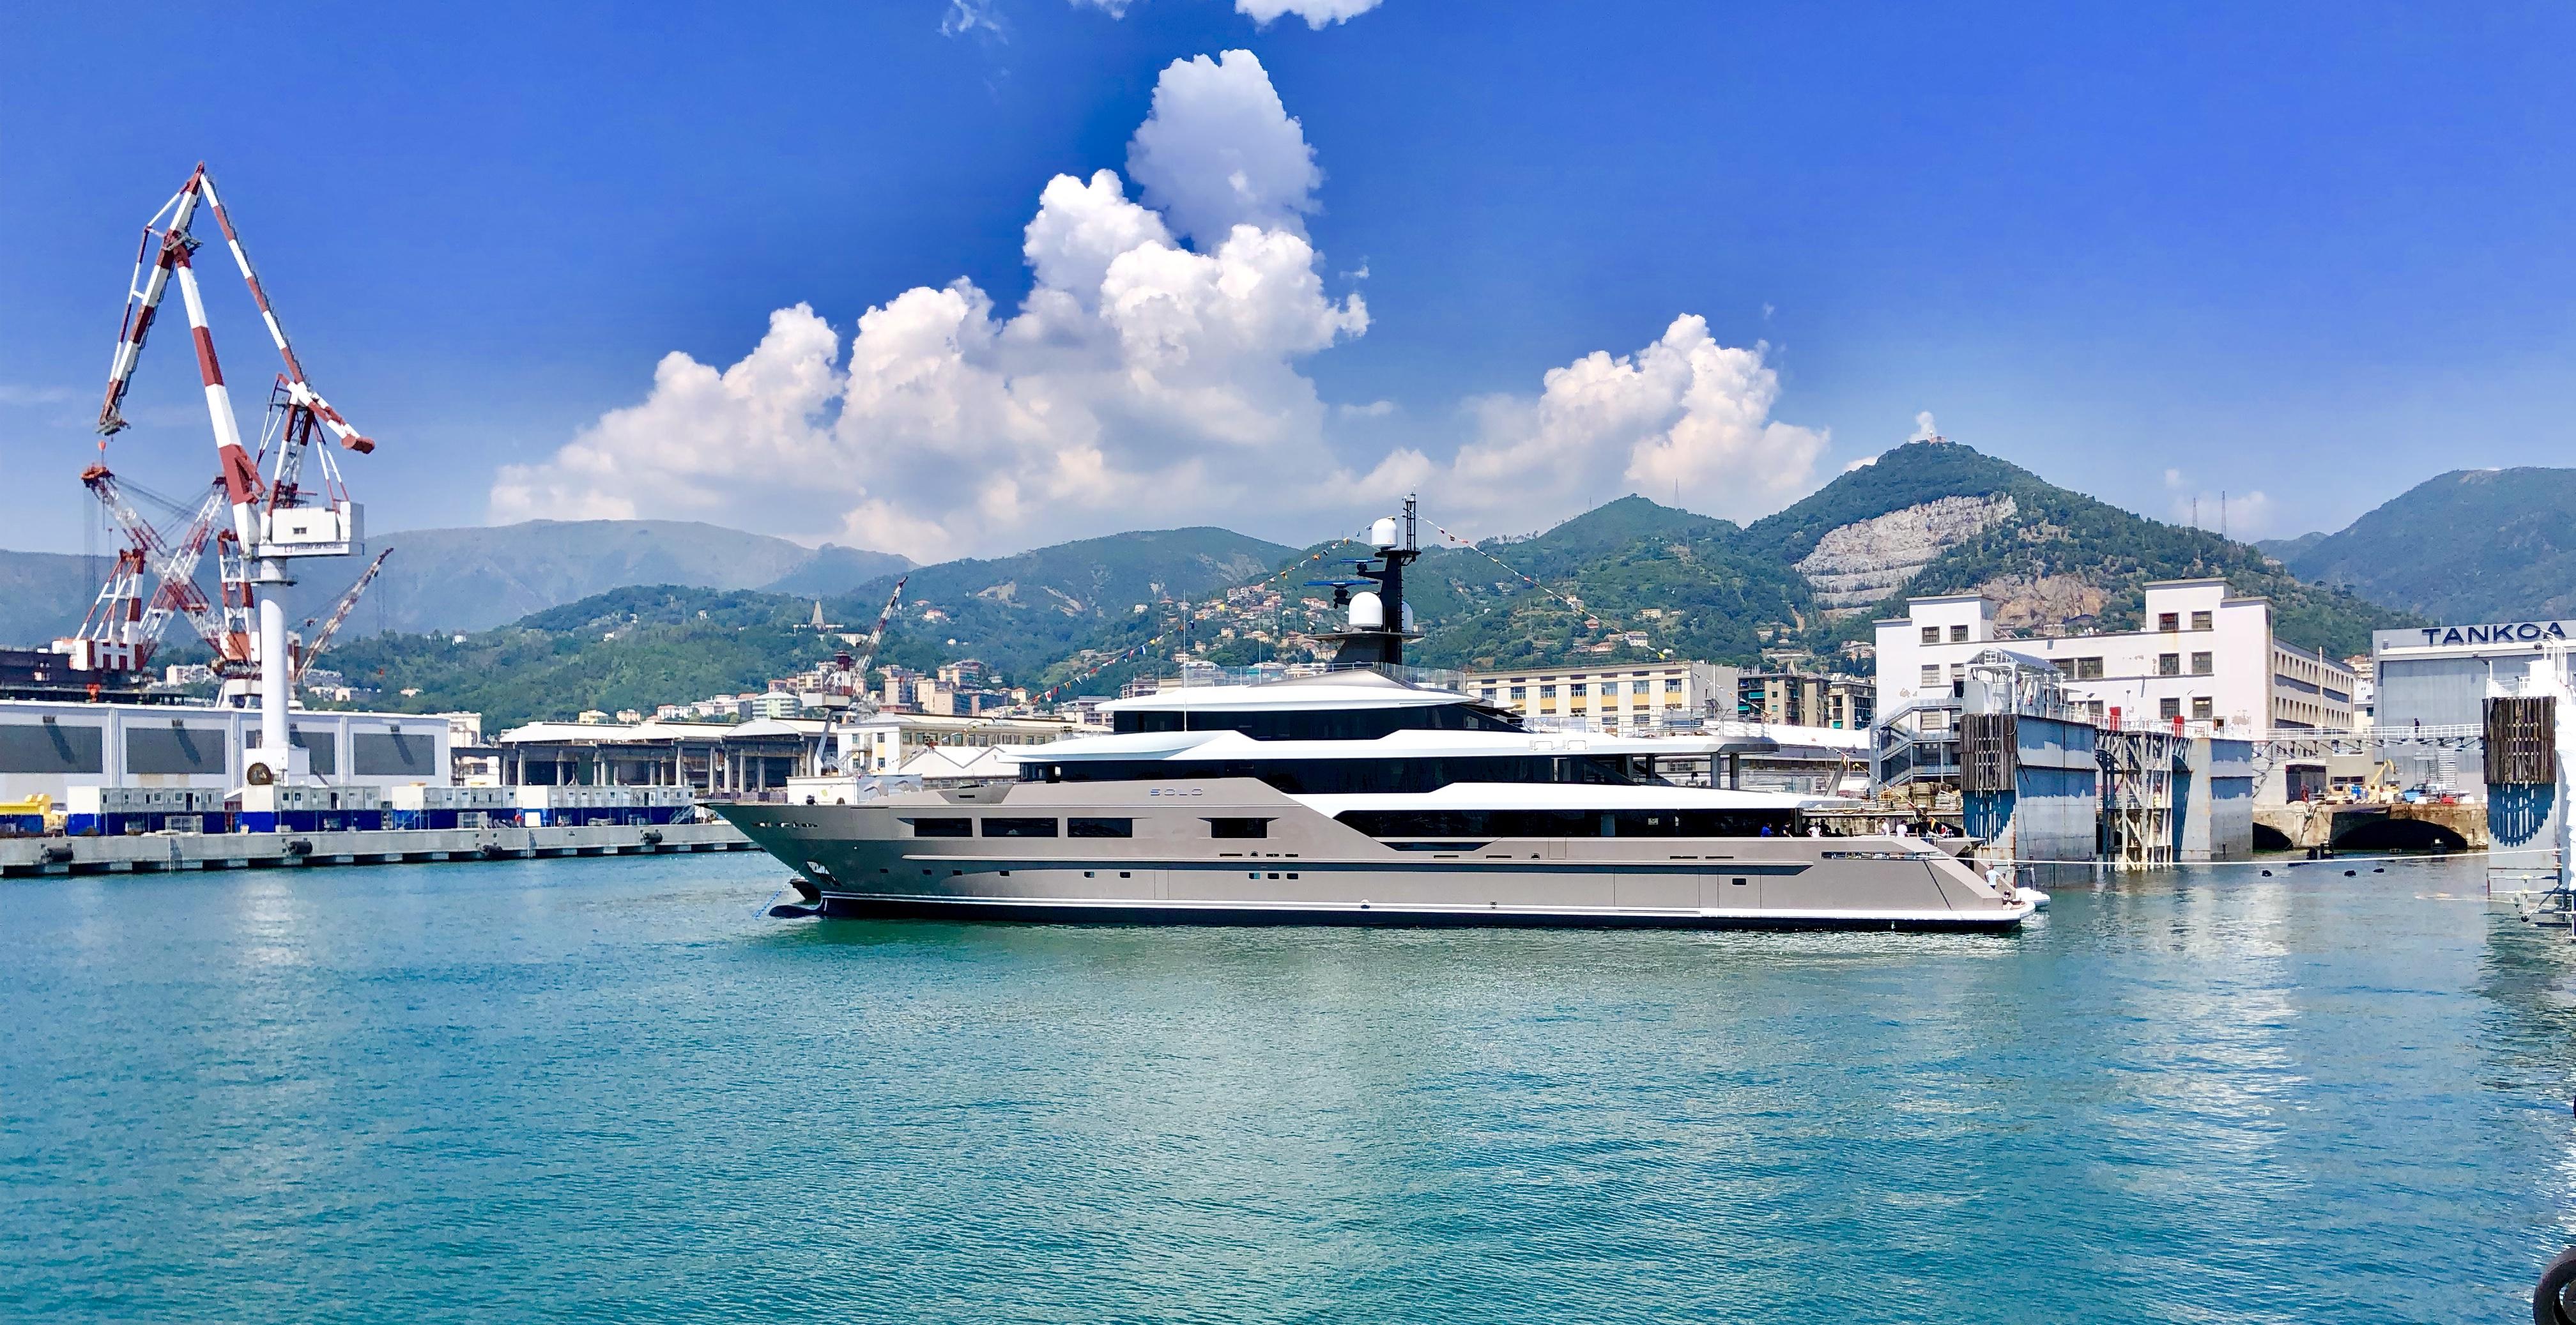 Luxury Superyacht SOLO - Tankoa Yachts